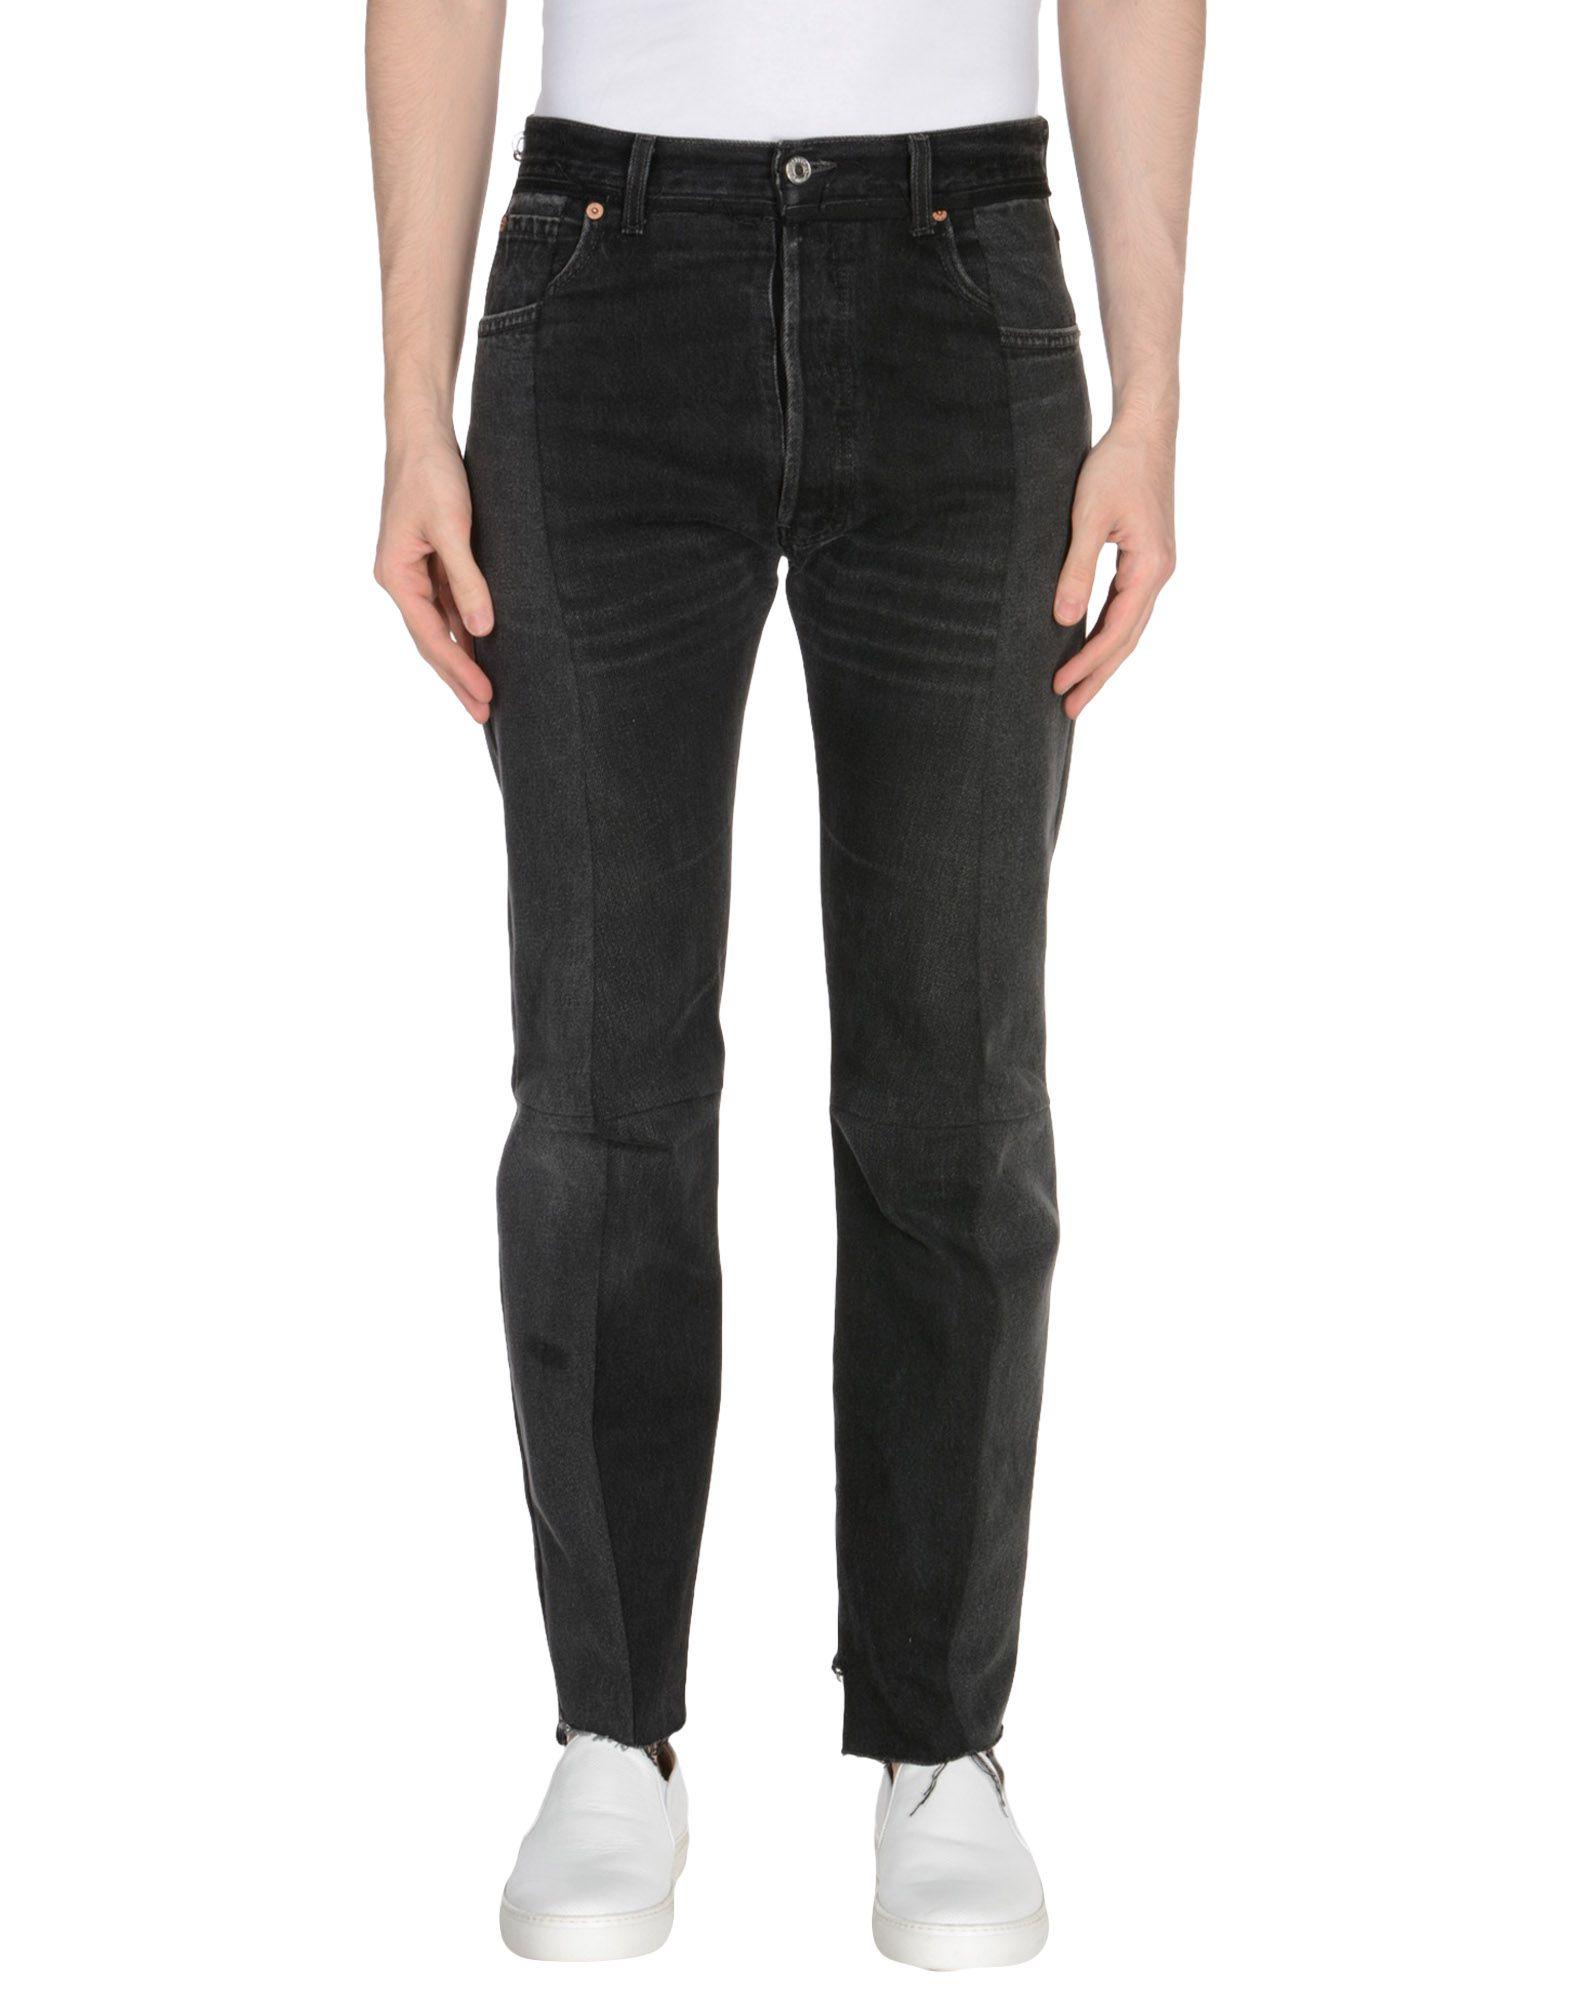 Pantaloni Jeans Vetements X Levis Donna - Acquista online su